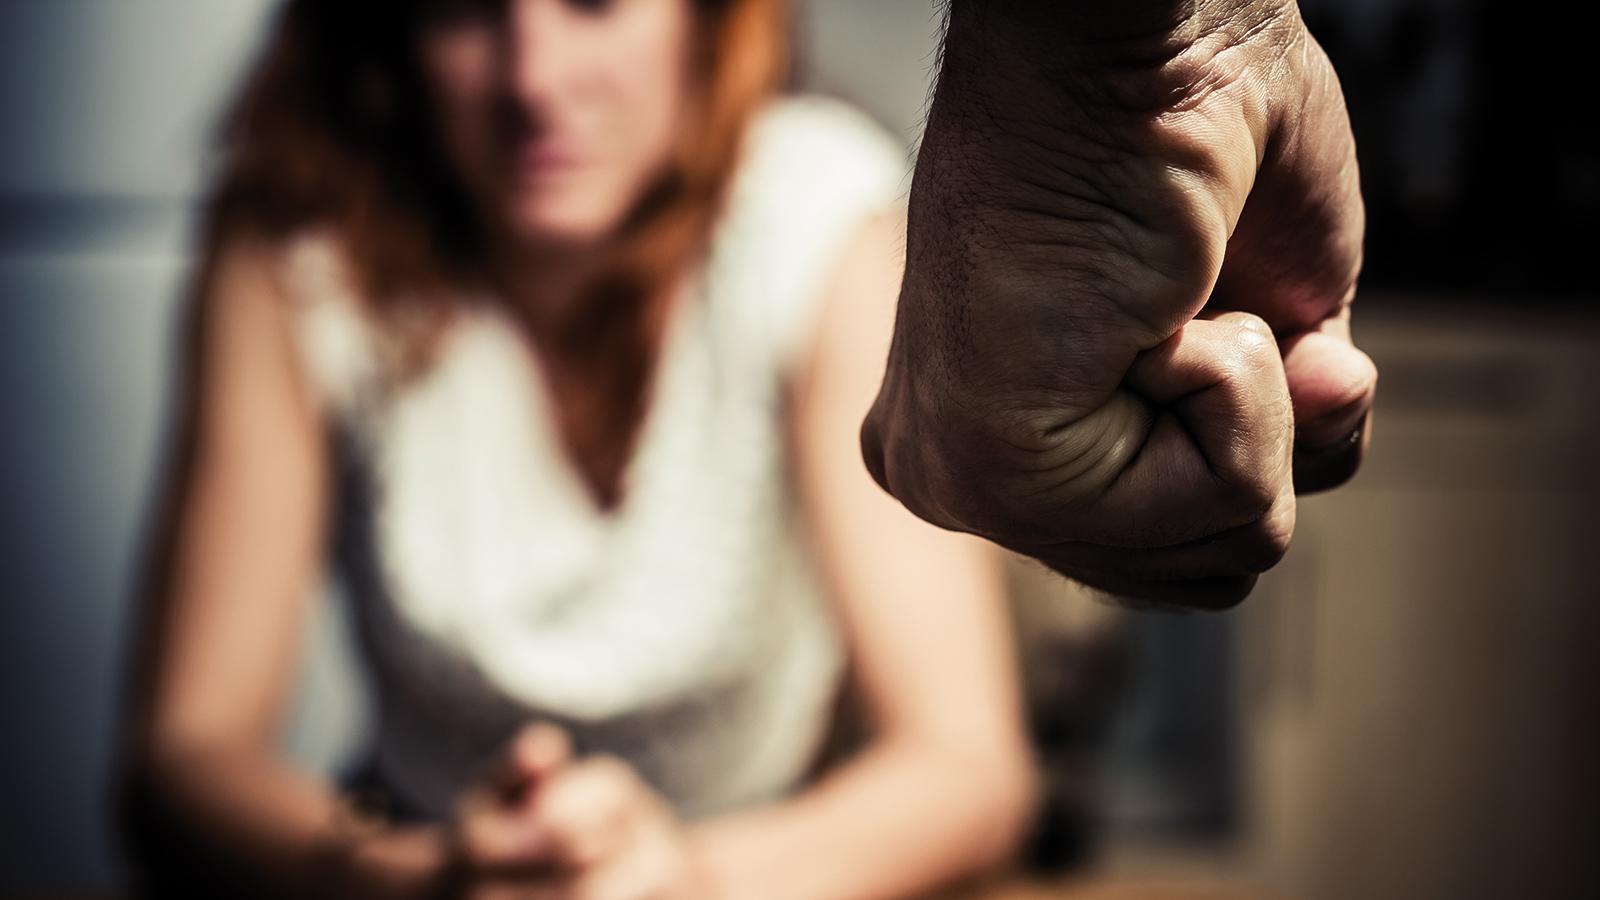 Violences conjugales:<br/>sortir de l'enfer